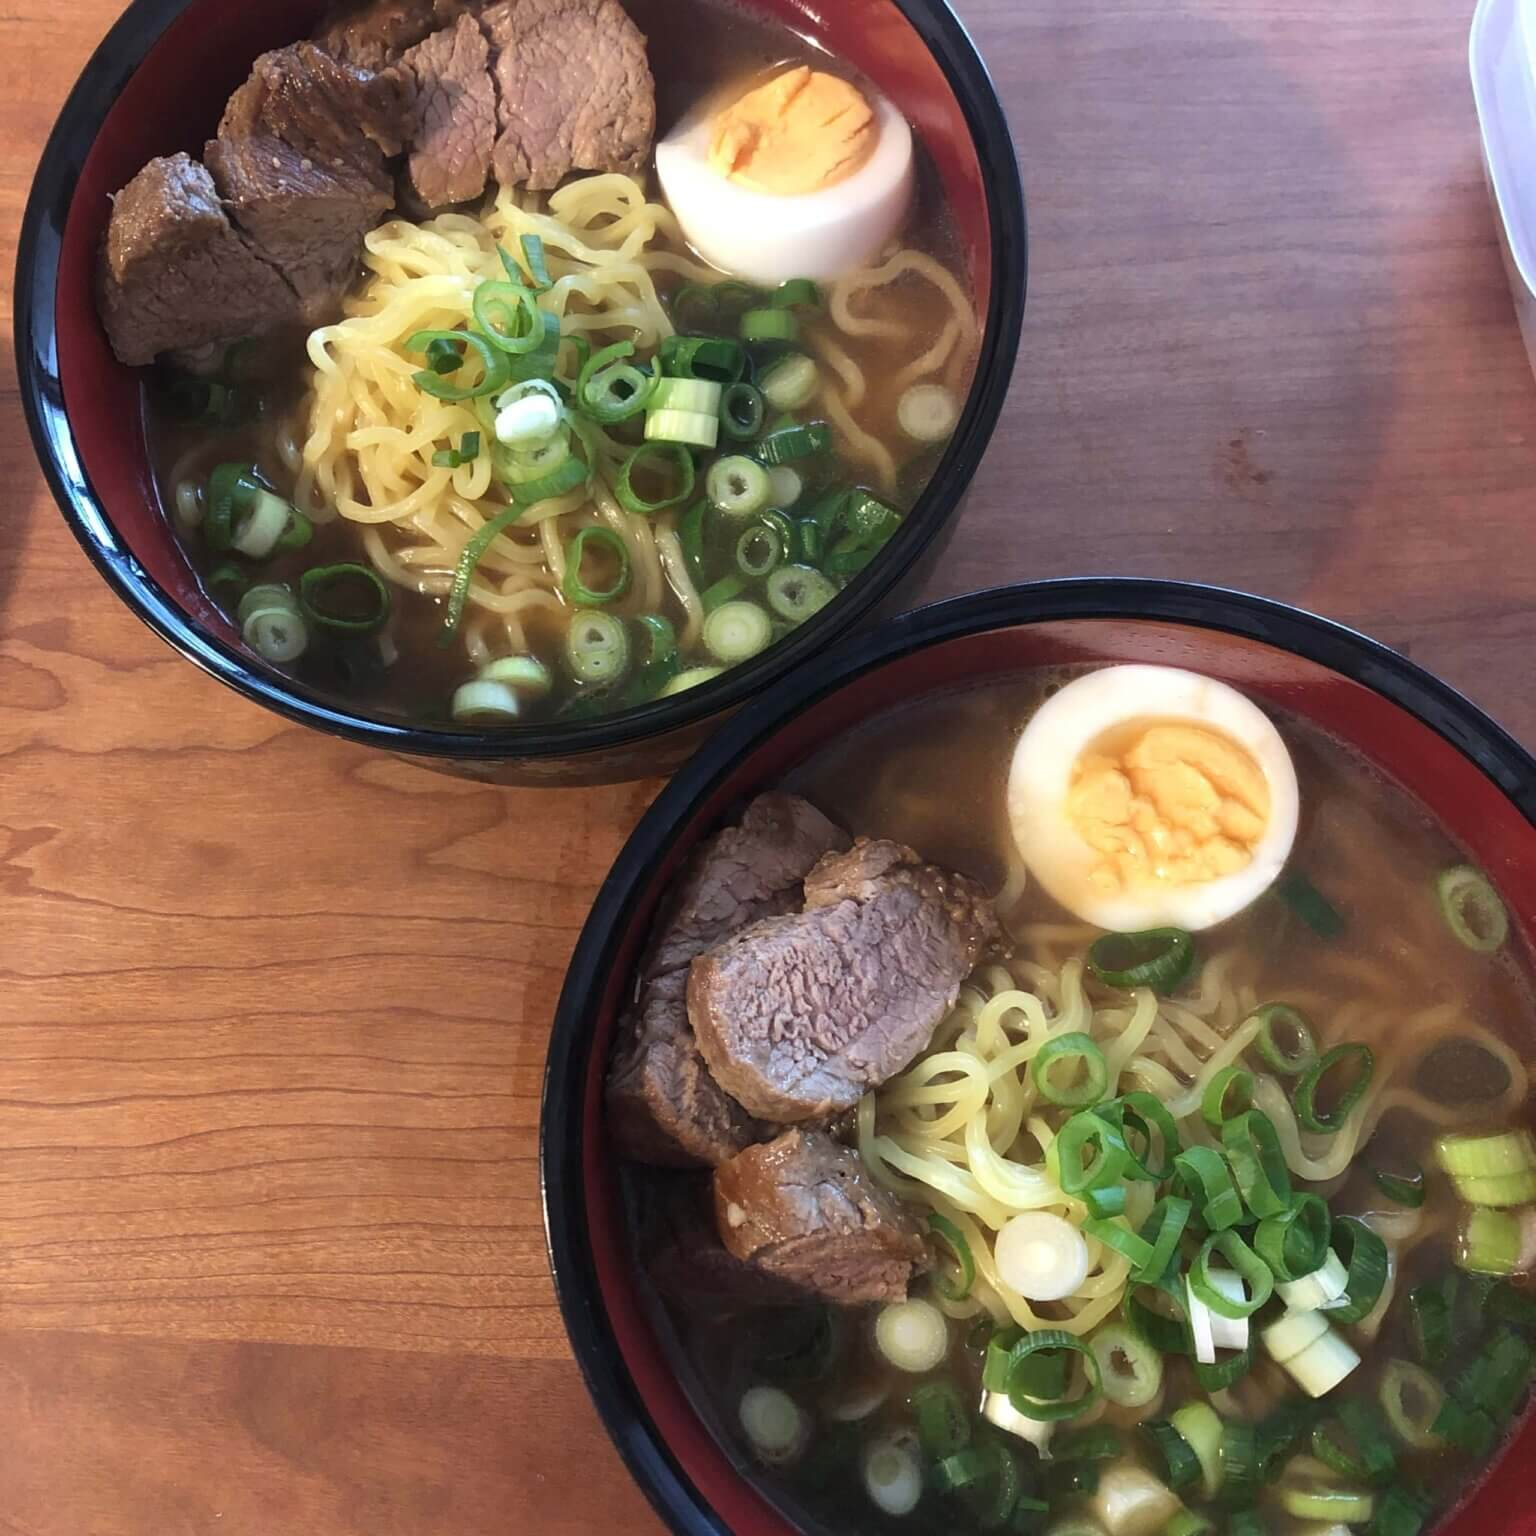 【栗原はるみさんのお肉レシピ3選】読者のお気に入りレシピをご紹介!